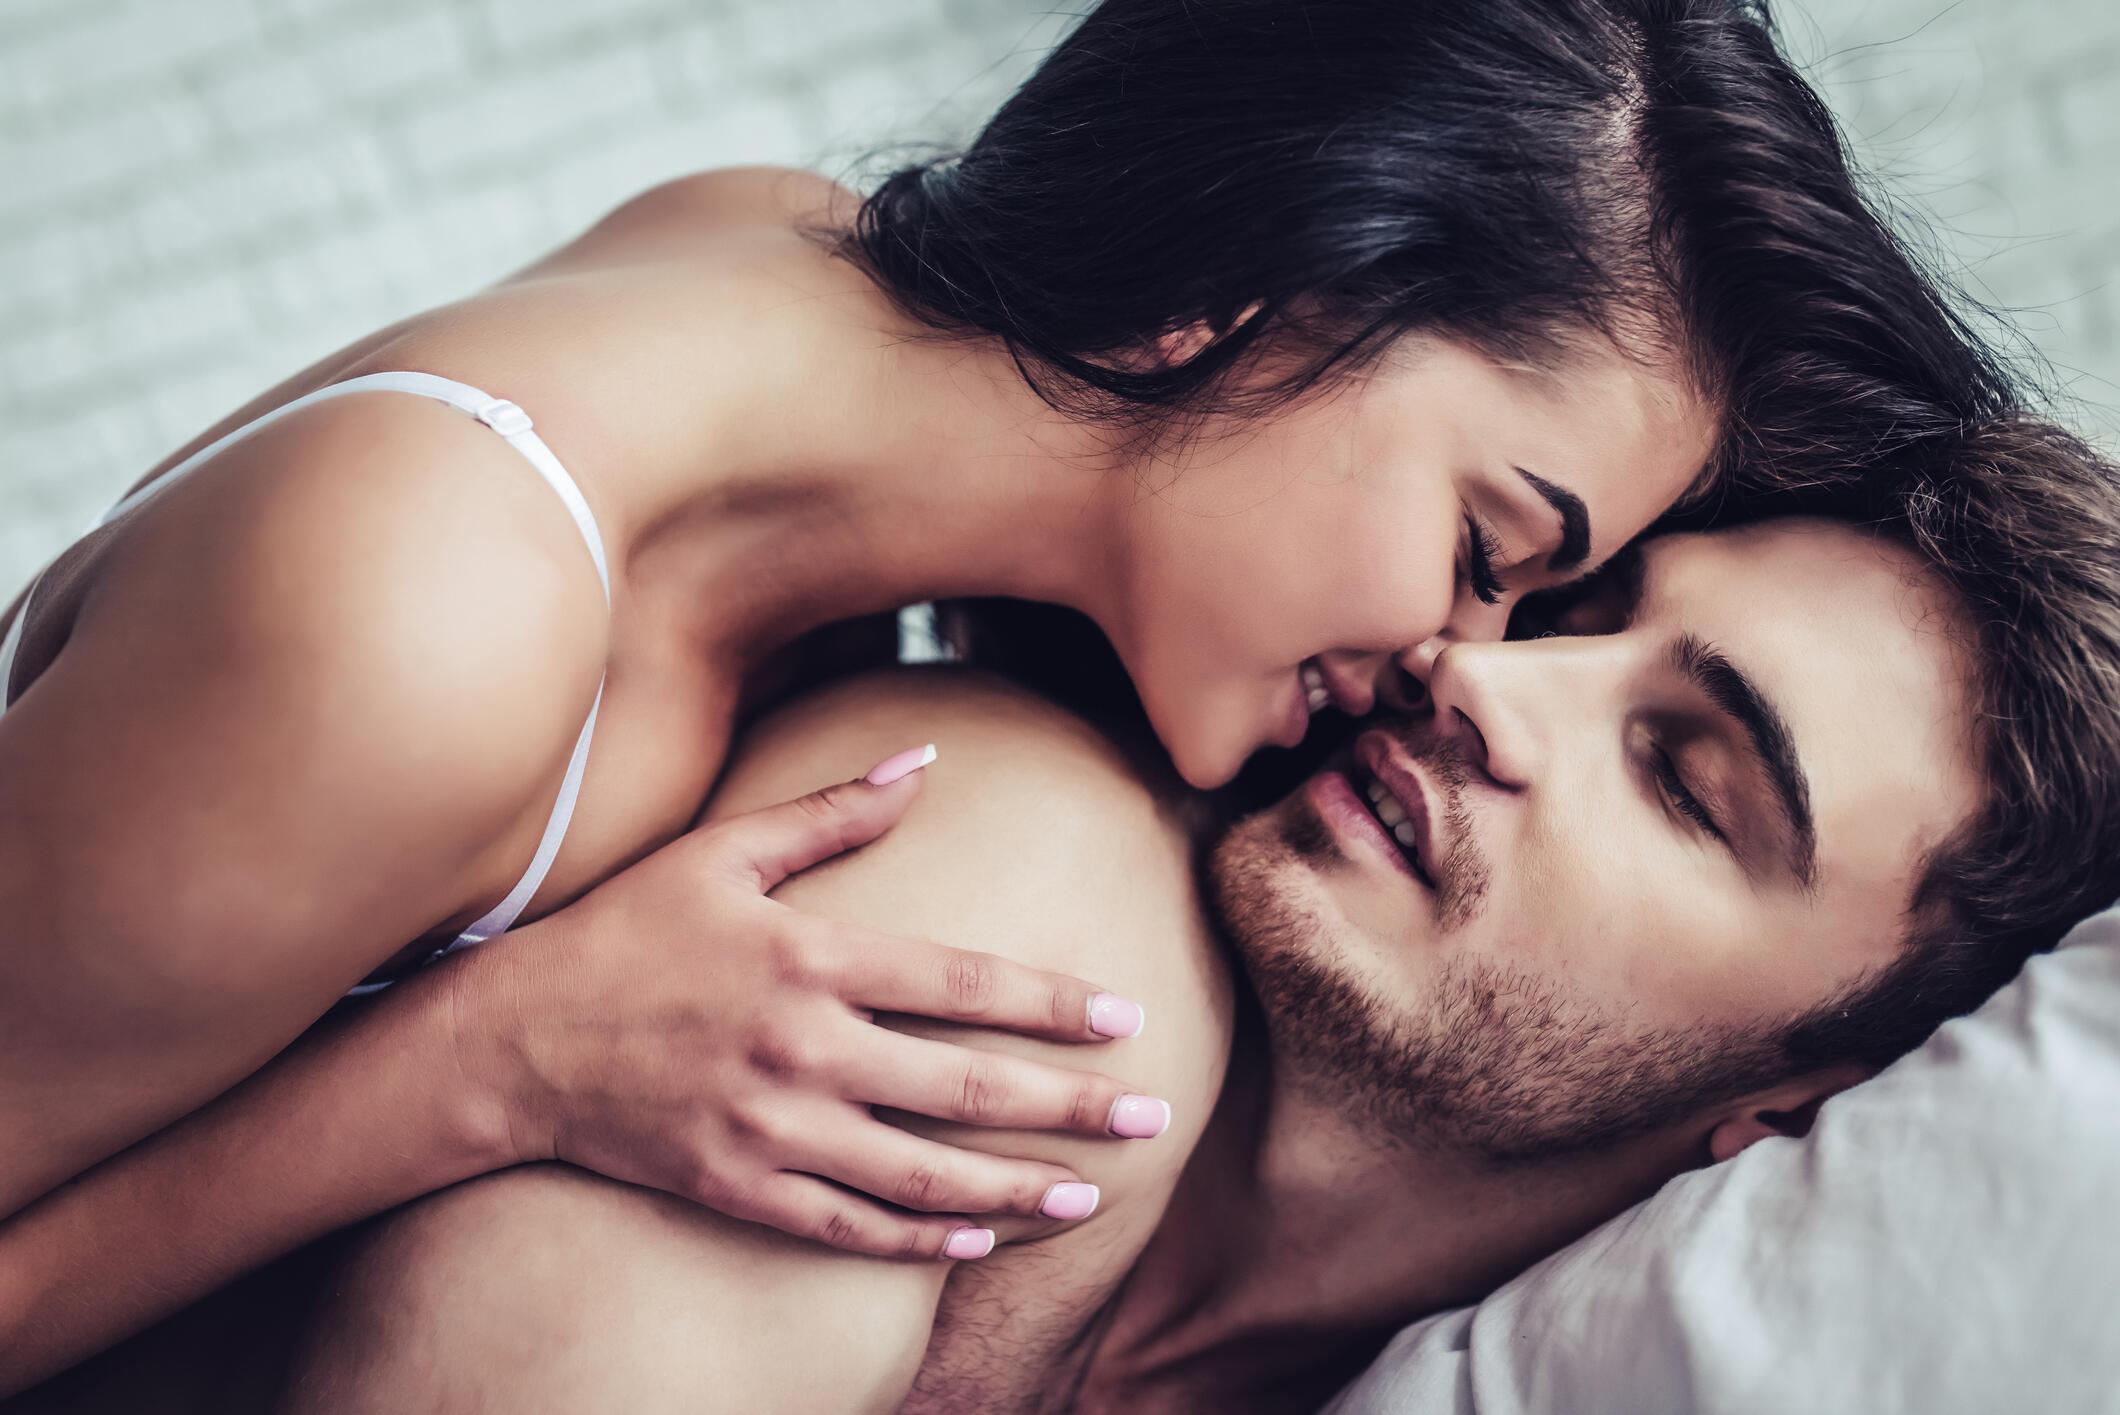 секс влюбленной пары видео для мобильных устройств ехал